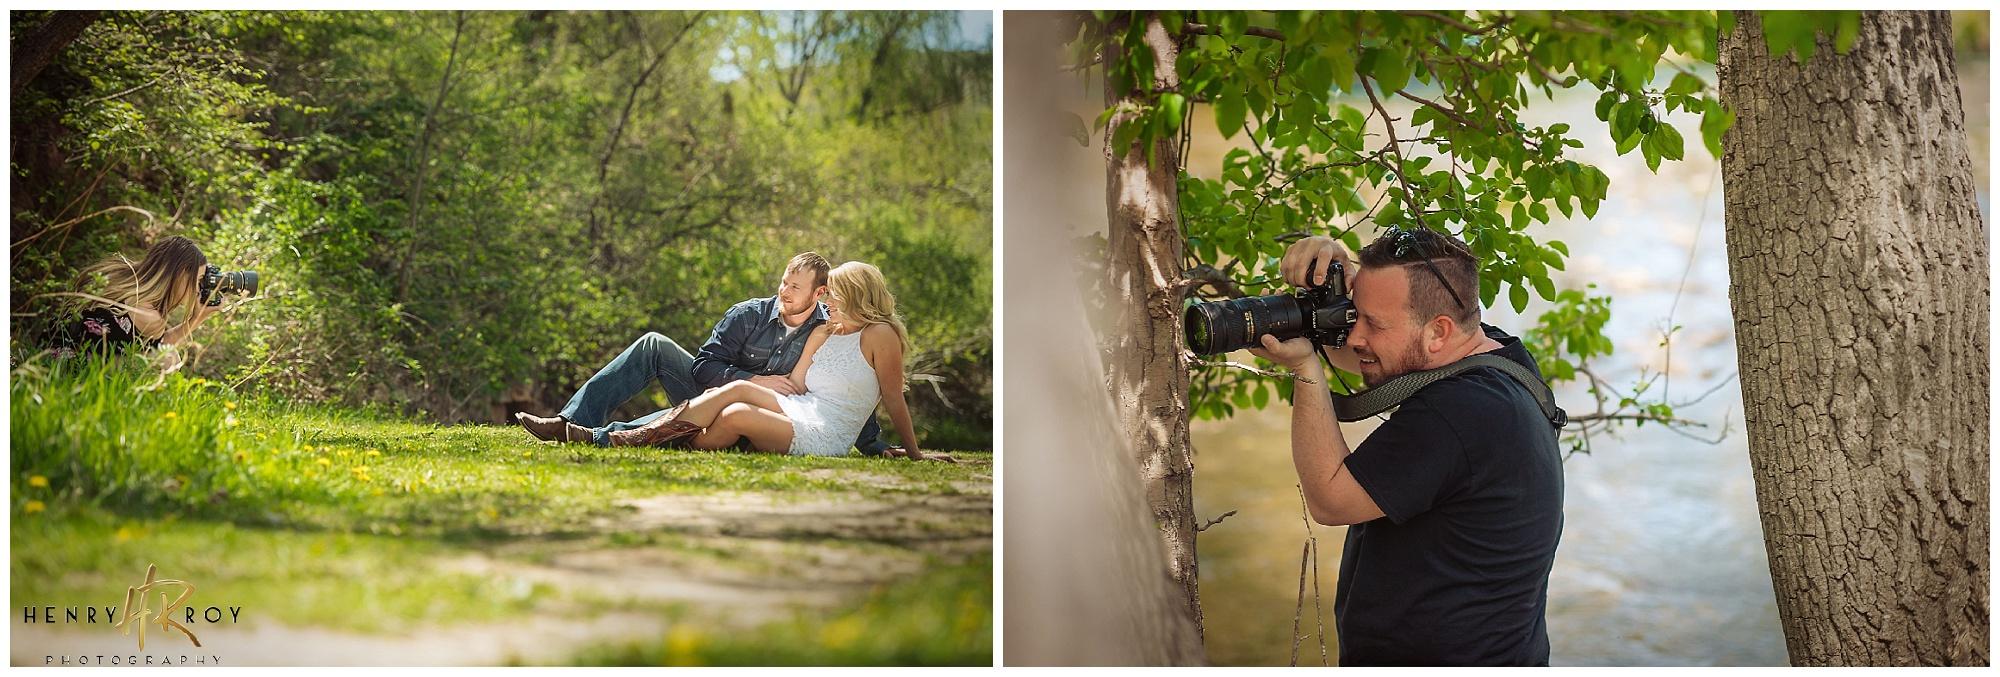 HenryRoyPhotographyOuttake0030.jpg